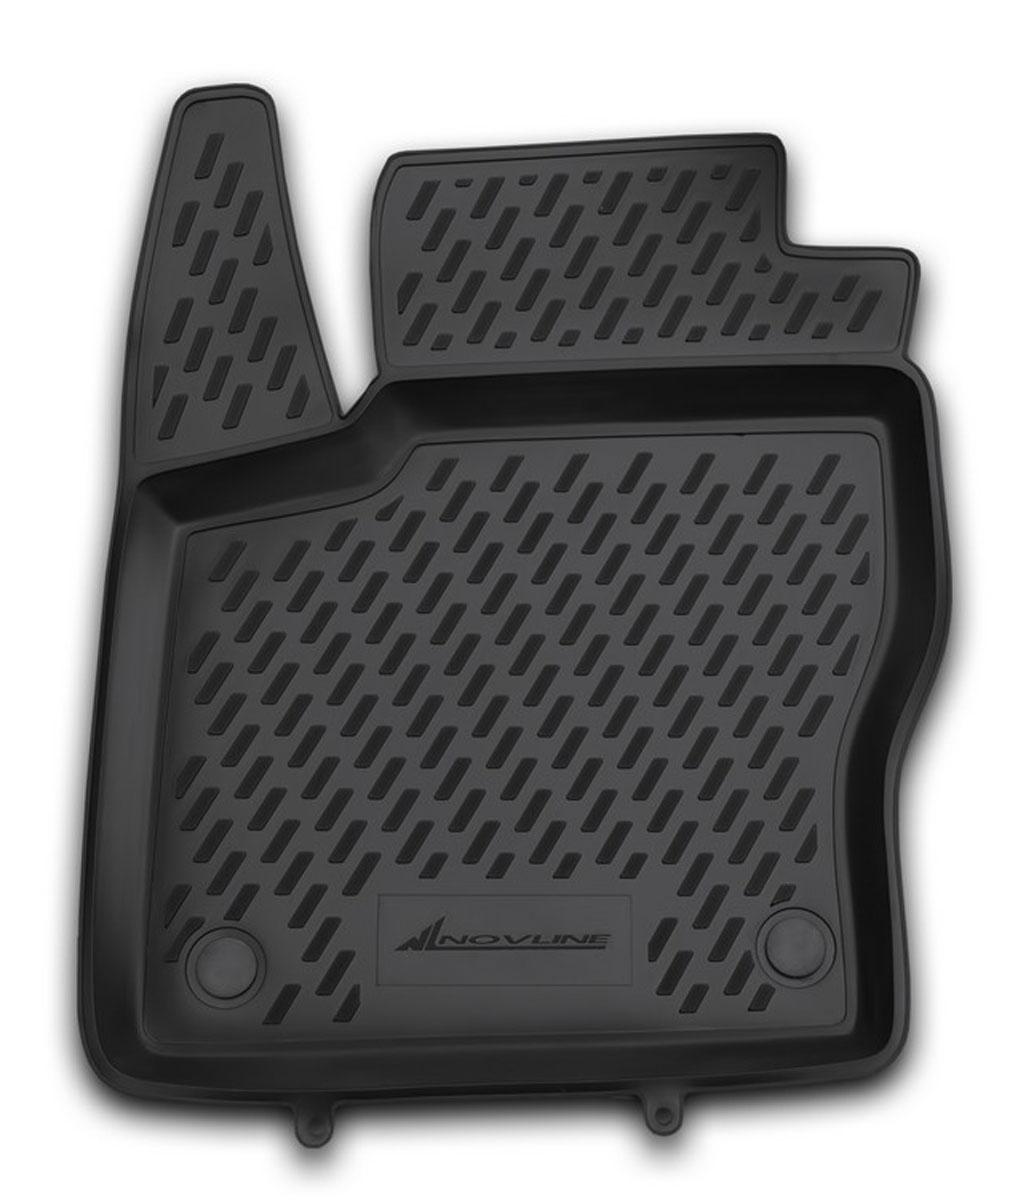 Коврик в салон автомобиля Novline-Autofamily для Ford Focus 3, 04/2011 - 2015, передний левыйCARFRD00001hflКоврик улучшит внешний вид салона автомобиля и надежно убережет его от пыли, грязи и сырости, а значит, защитит кузов от коррозии. Полиуретановый коврик гладкий, приятный и не пропускает влагу. Полиуретановый автомобильный коврик произведен из высококачественного материала, который держит форму и не пачкает обувь. Коврик надежно крепится на полу и не скользит, что очень важно во время движения, особенно для водителя. Изделие из полиуретана надежно удерживает грязь и влагу, при этом всегда выглядит довольно опрятно. И чистится он очень просто: как при помощи автомобильного пылесоса, так и различными моющими средствами.